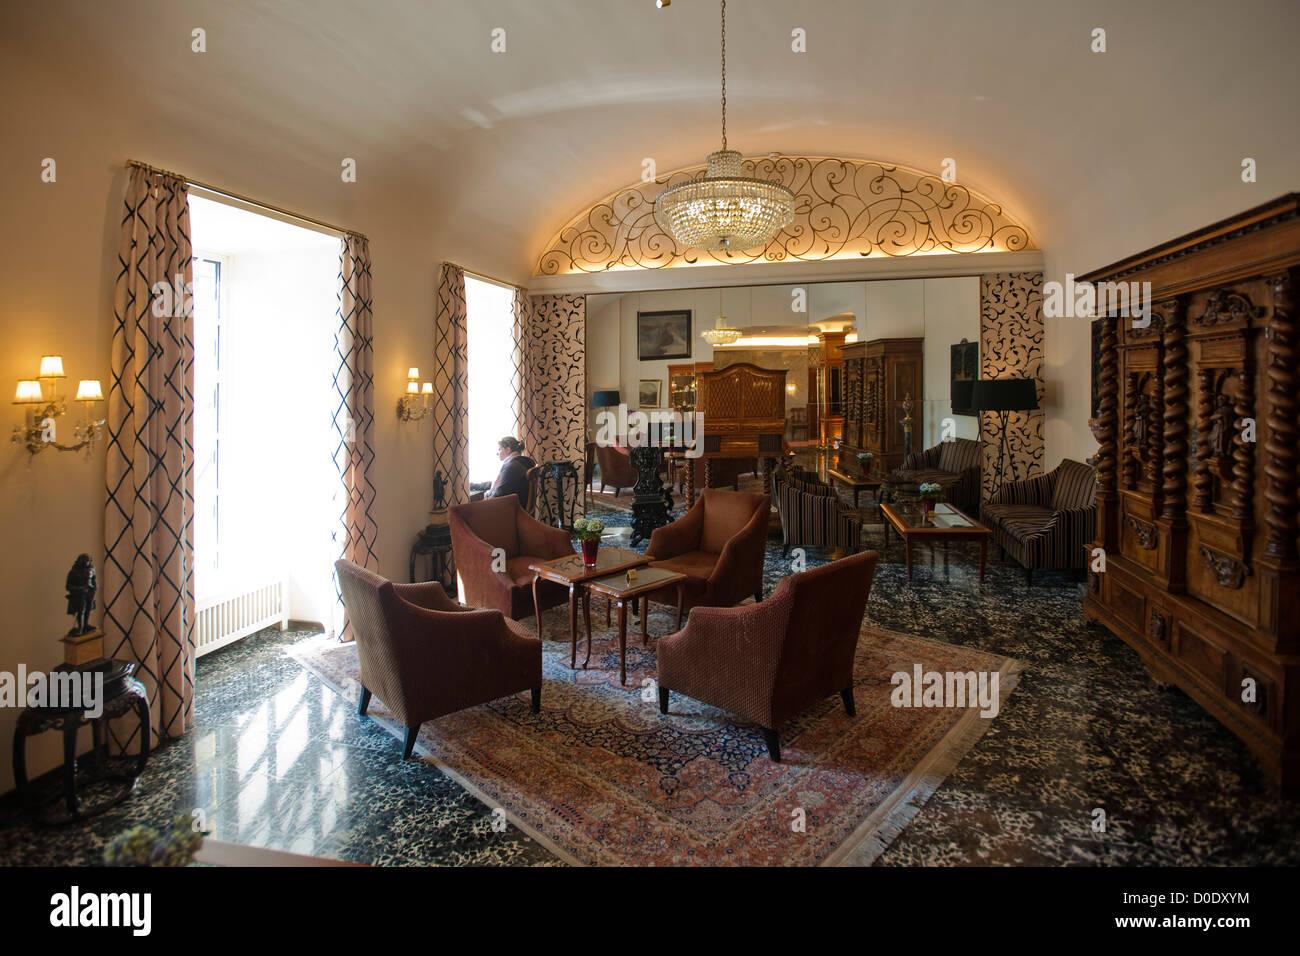 Österreich, Wien II, Hotel Stefanie, Taborstrasse 12, Lobby mit kostbaren Antiquitäten - Stock Image